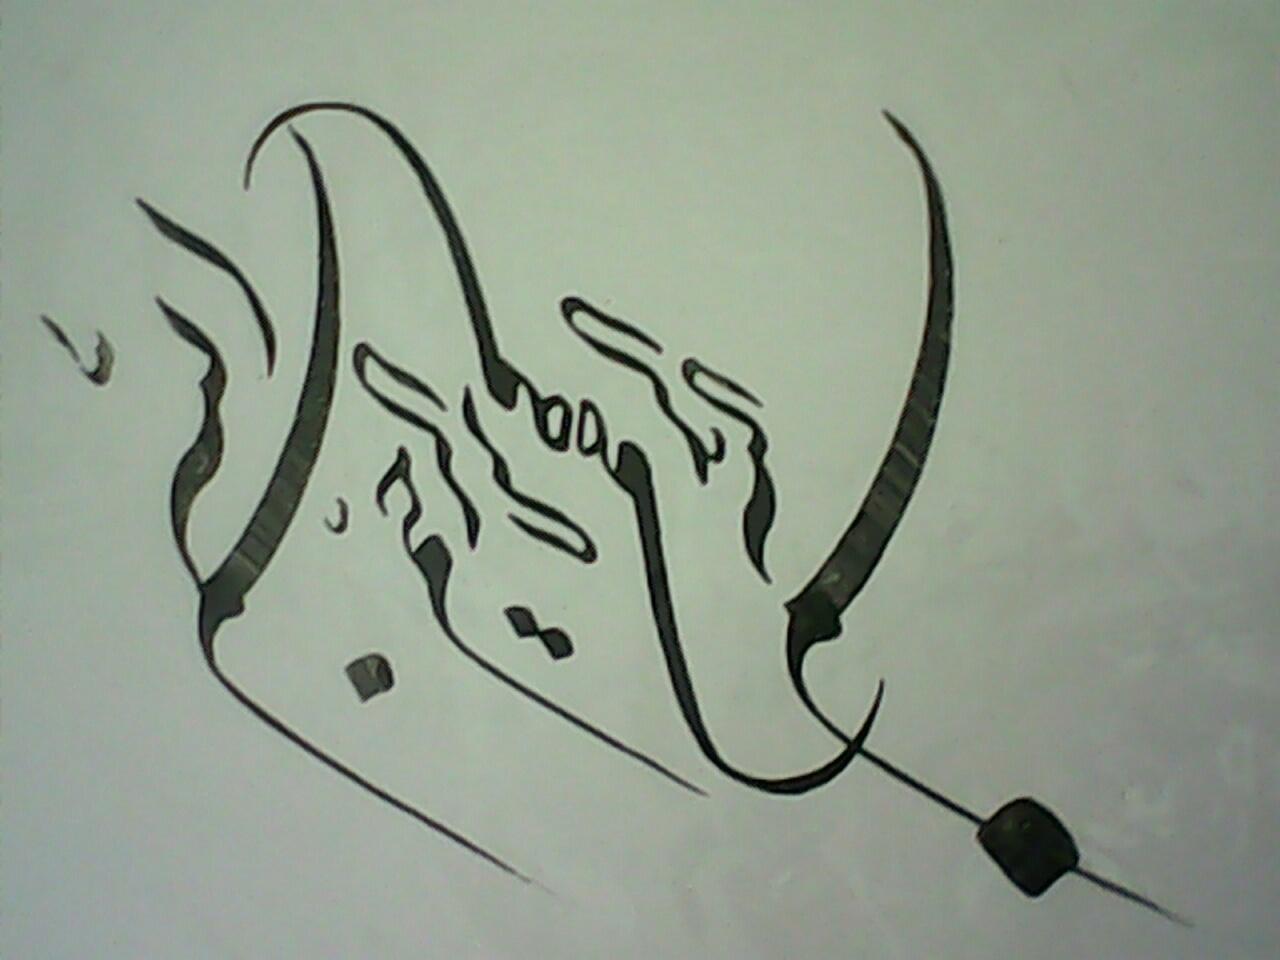 آثار دوست هنرمند جناب افخمی